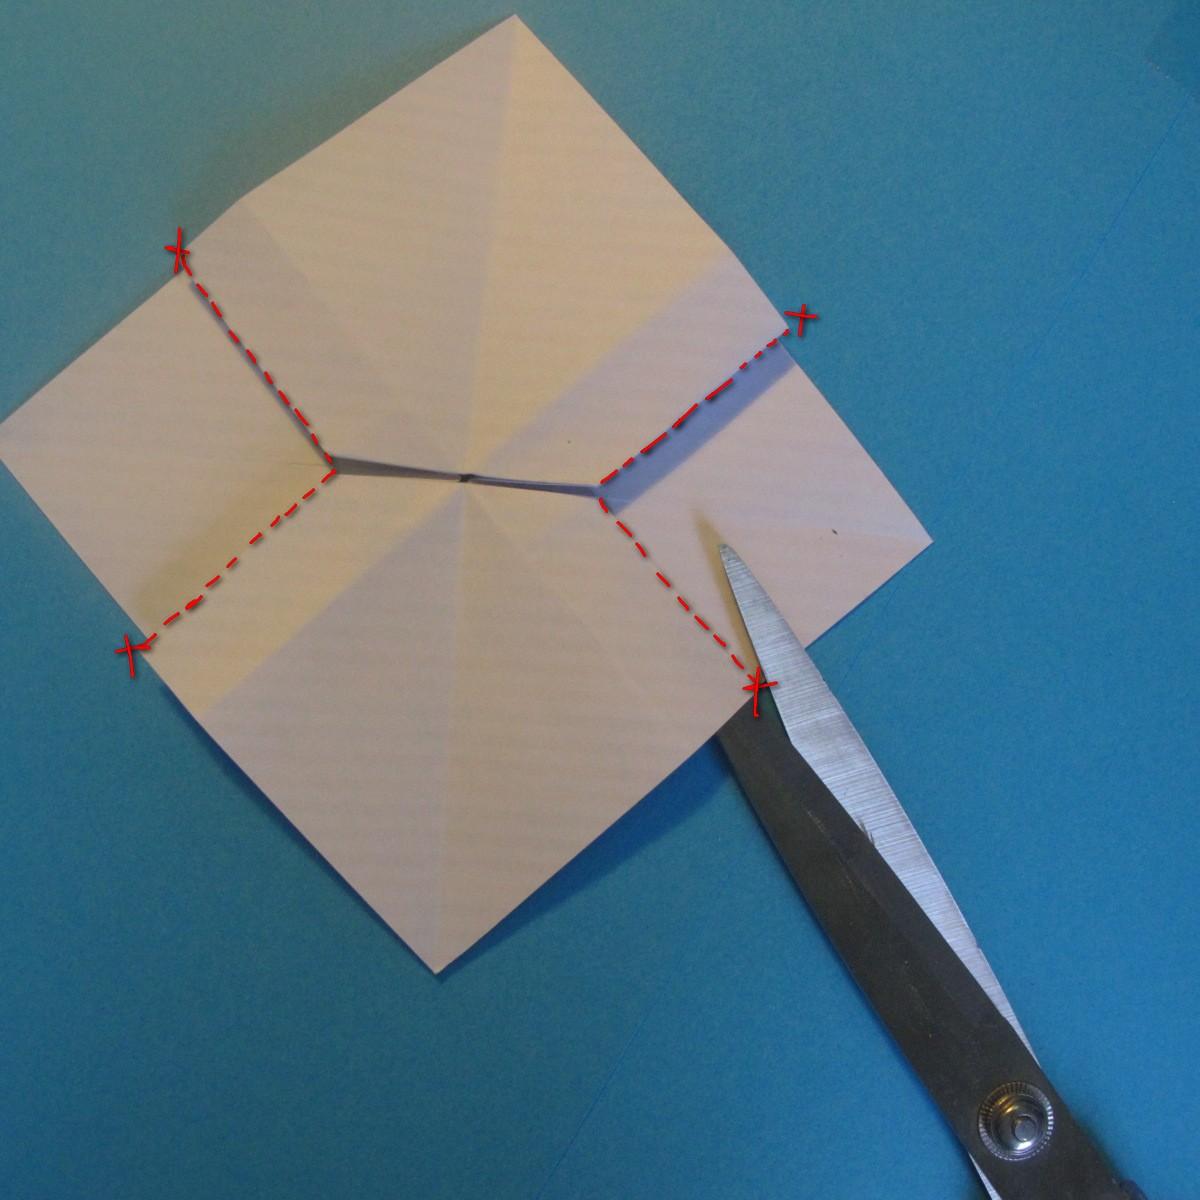 วิธีการพับกระดาษเป็นโบว์หูกระต่าย 017